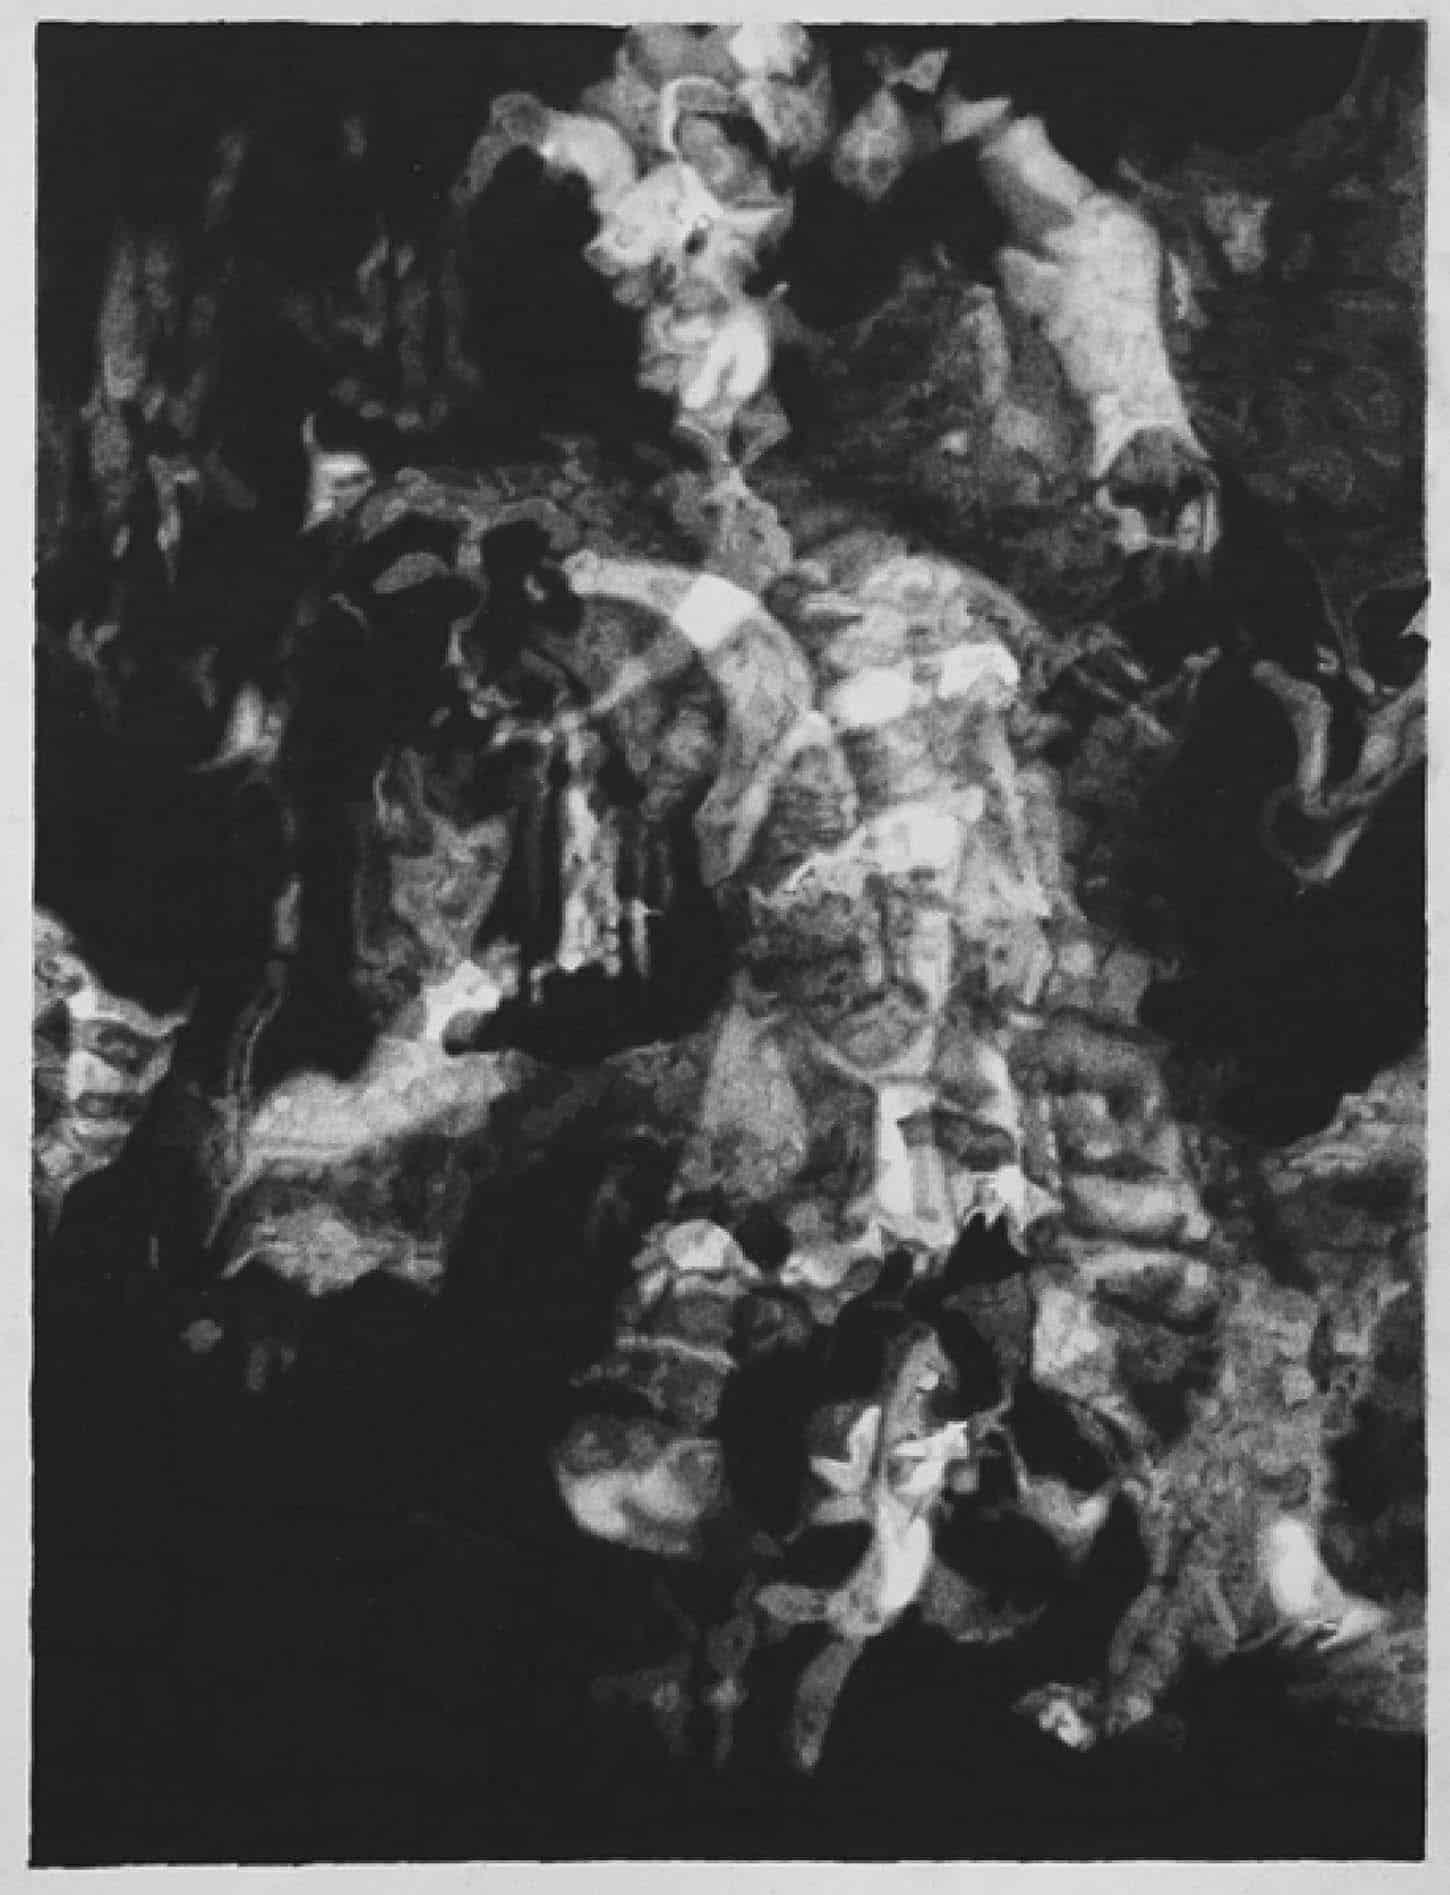 Espace A VENDRE, Le Showroom: Dessins originaux, par Tudi Deligne.  Sans titre Crayon noir sur papier, 30 x 40 cm, 2014 1 000 €